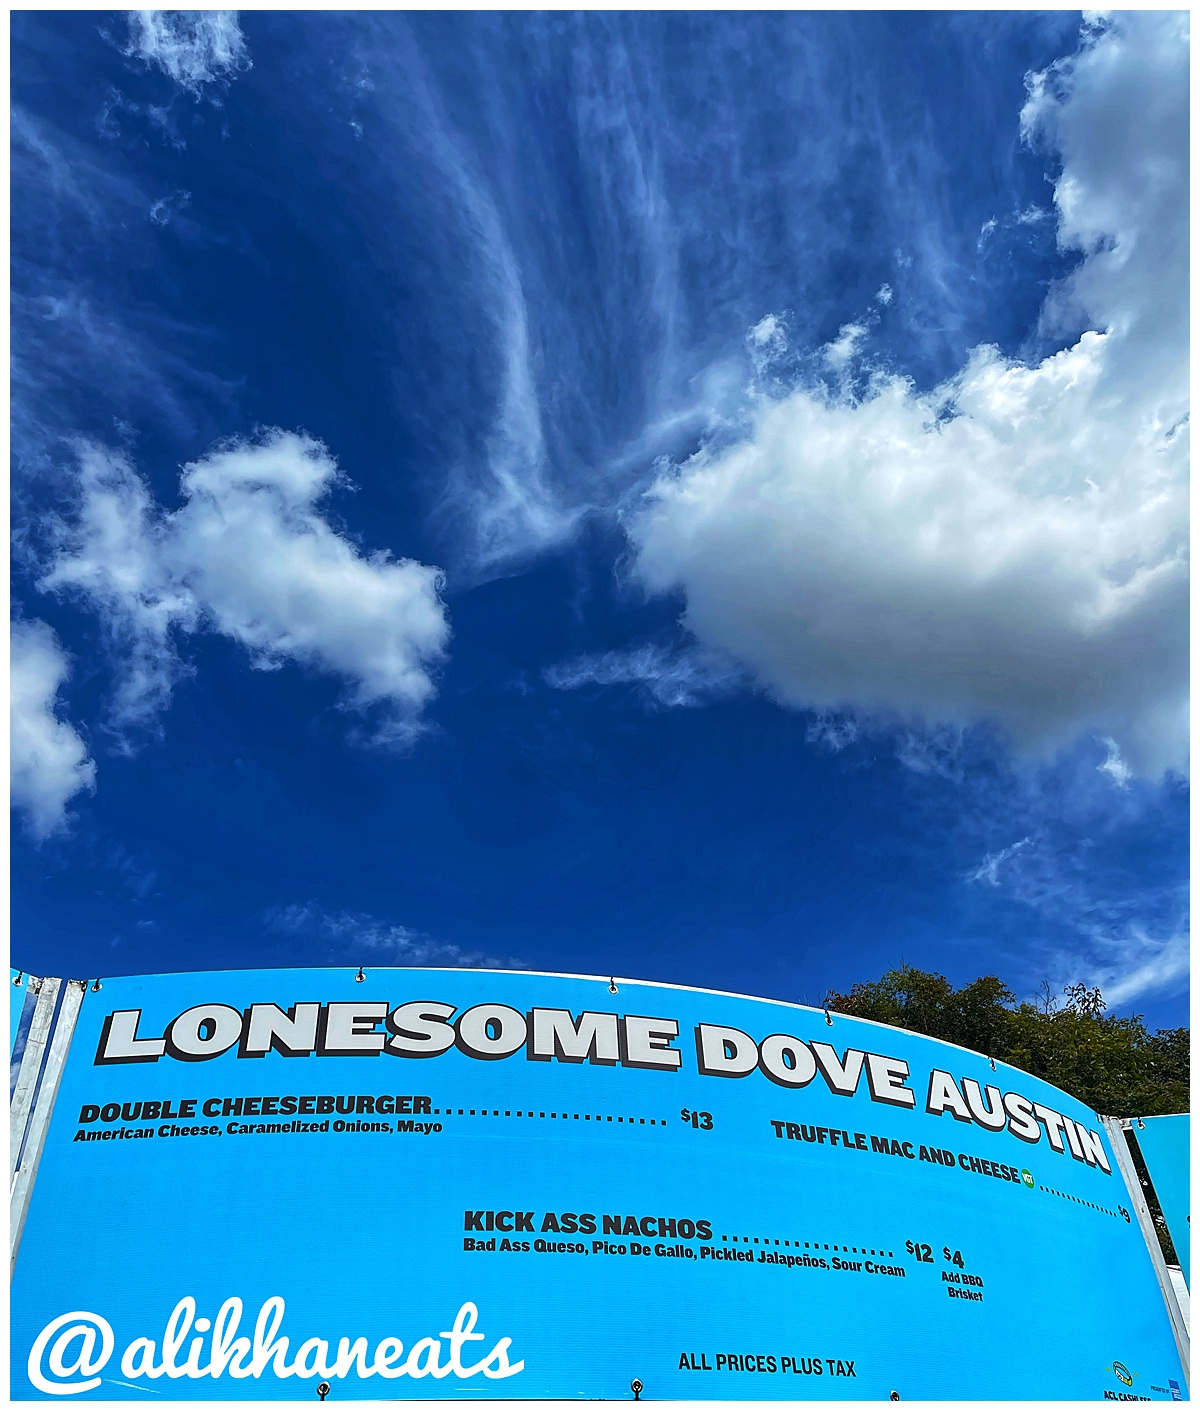 Lonesome Dove Bistro